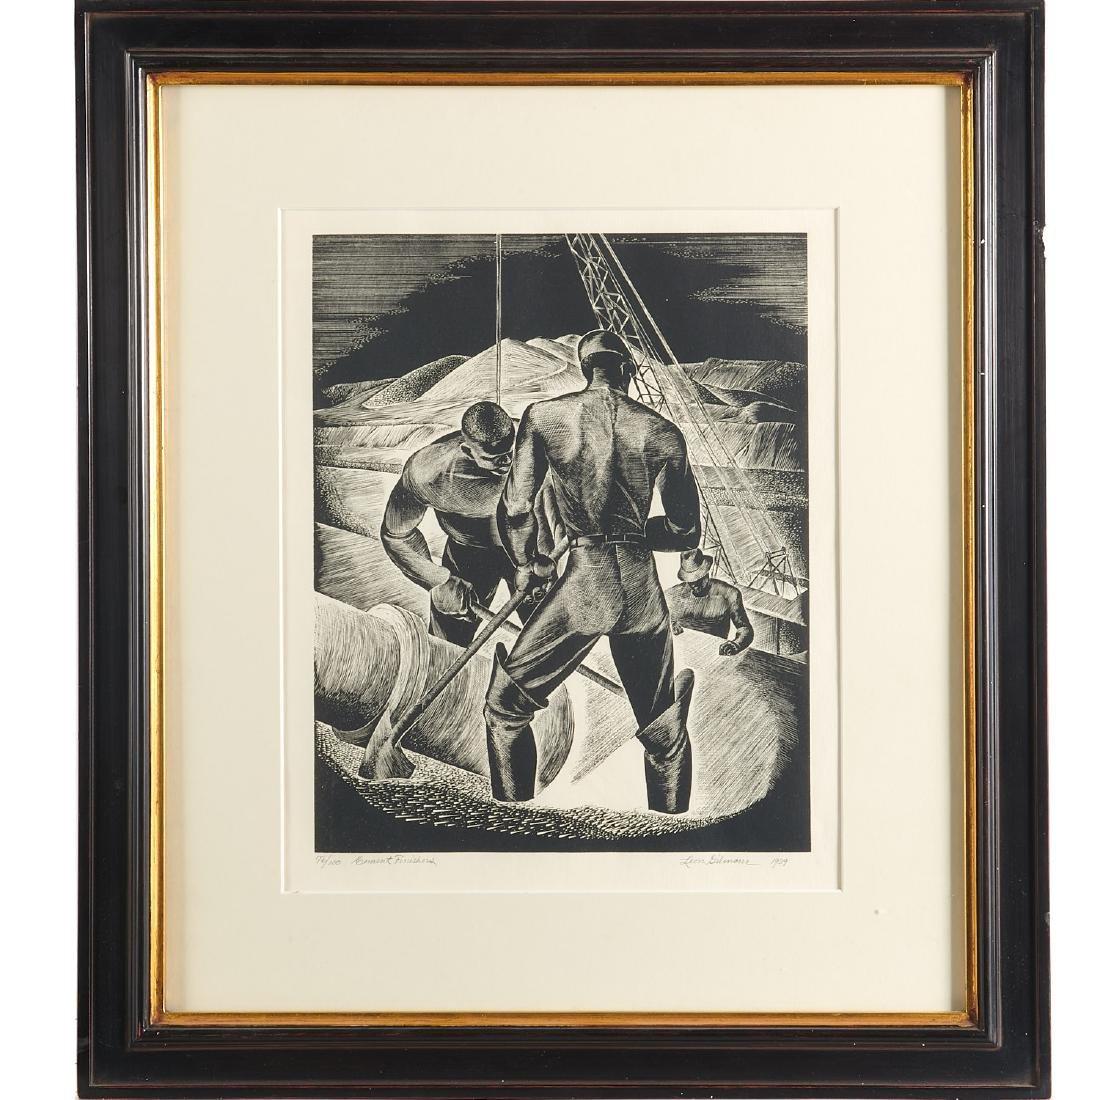 Leon Gilmour, engraving